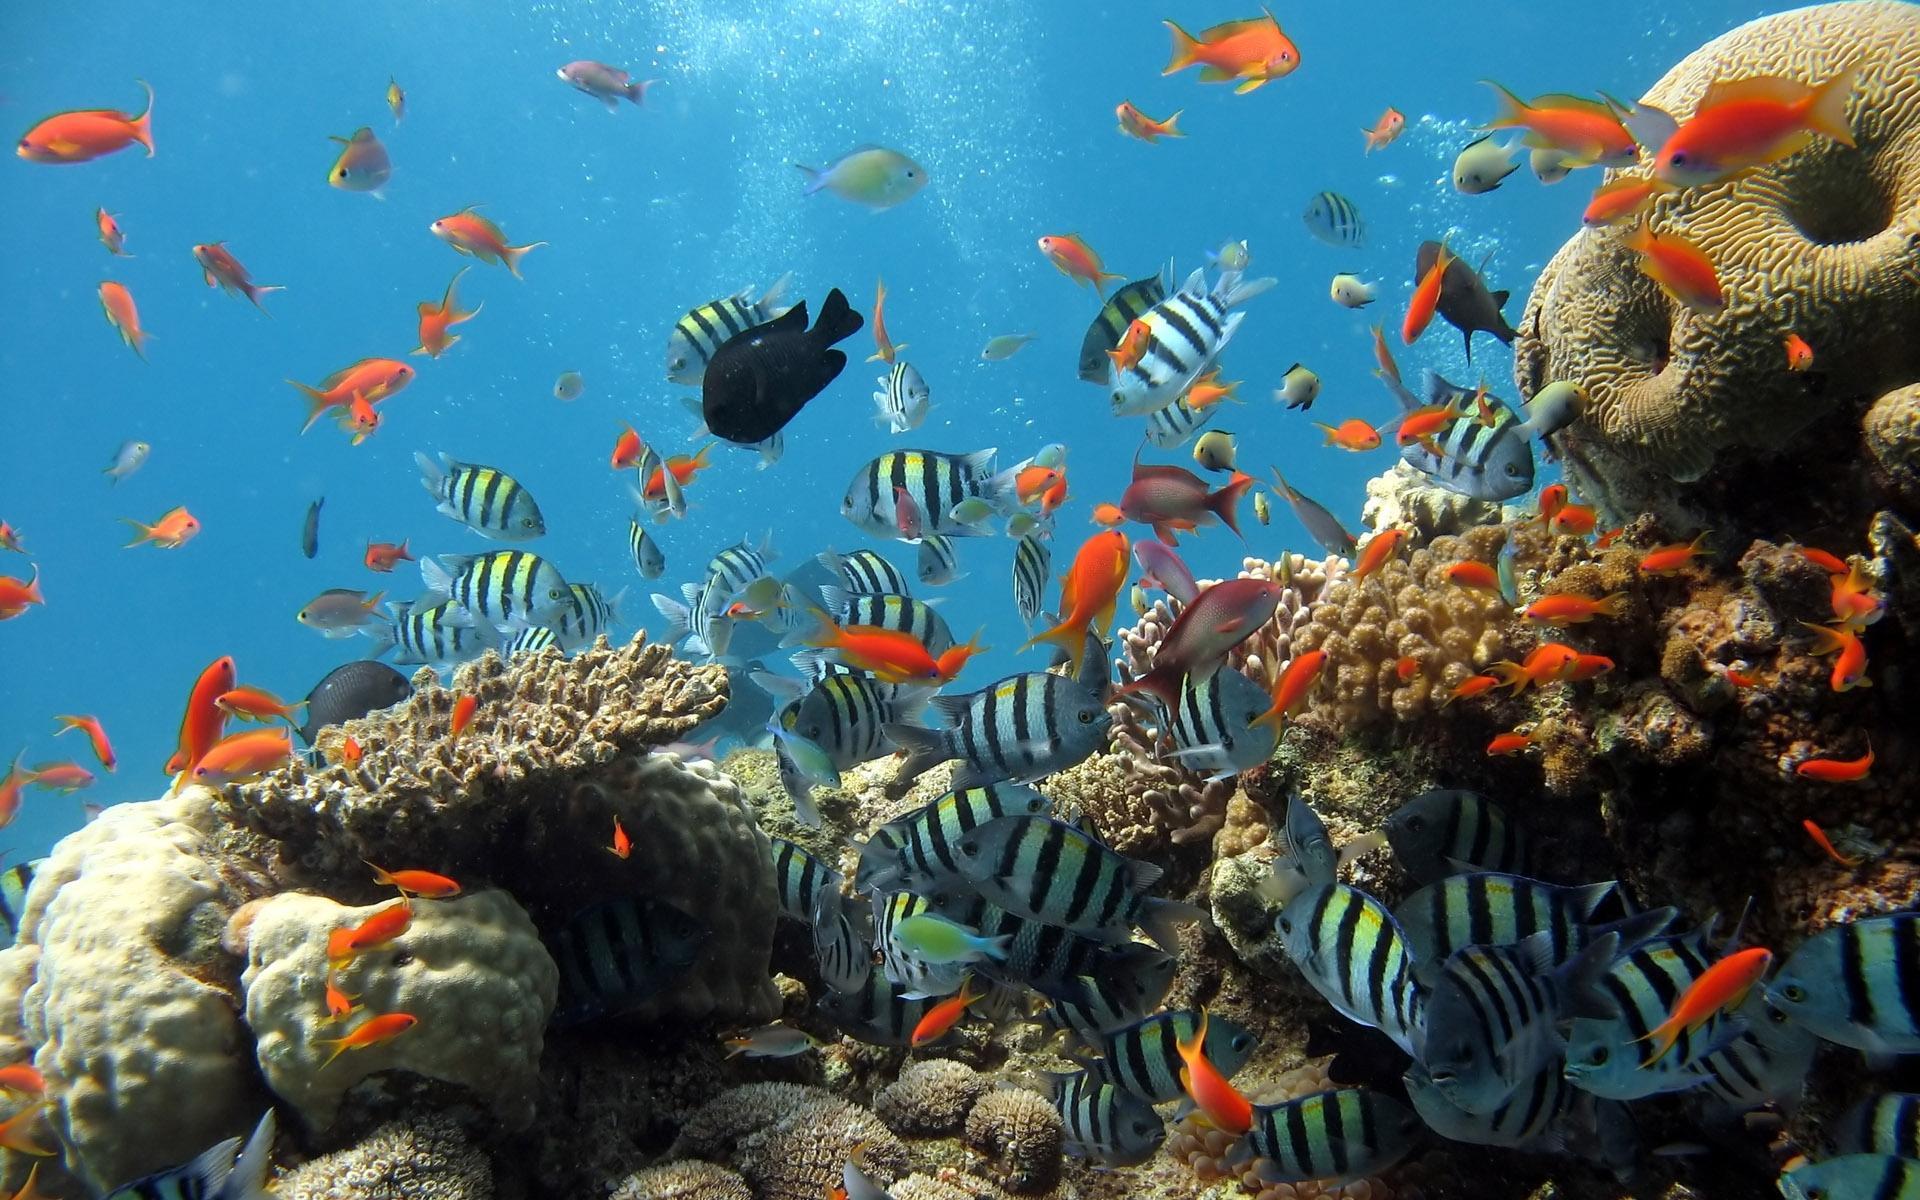 Рыбки картинки для детей цветные - 8bff